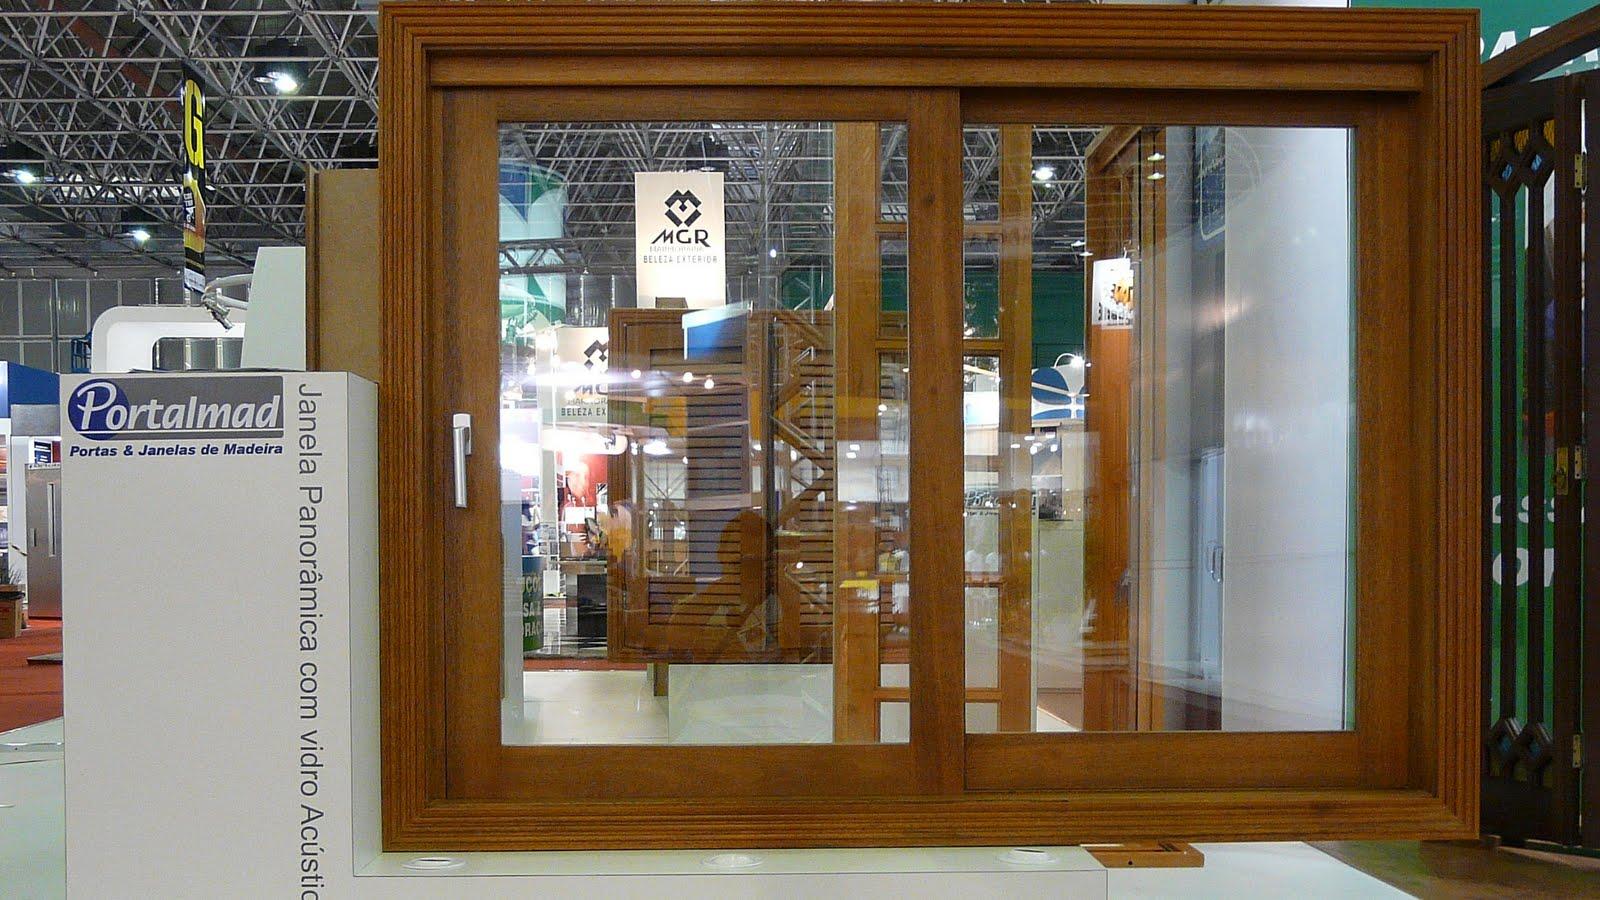 #663C14 Portas e Janelas soluções completas em esquadrias de madeira  1246 Portas E Janelas Em Madeira